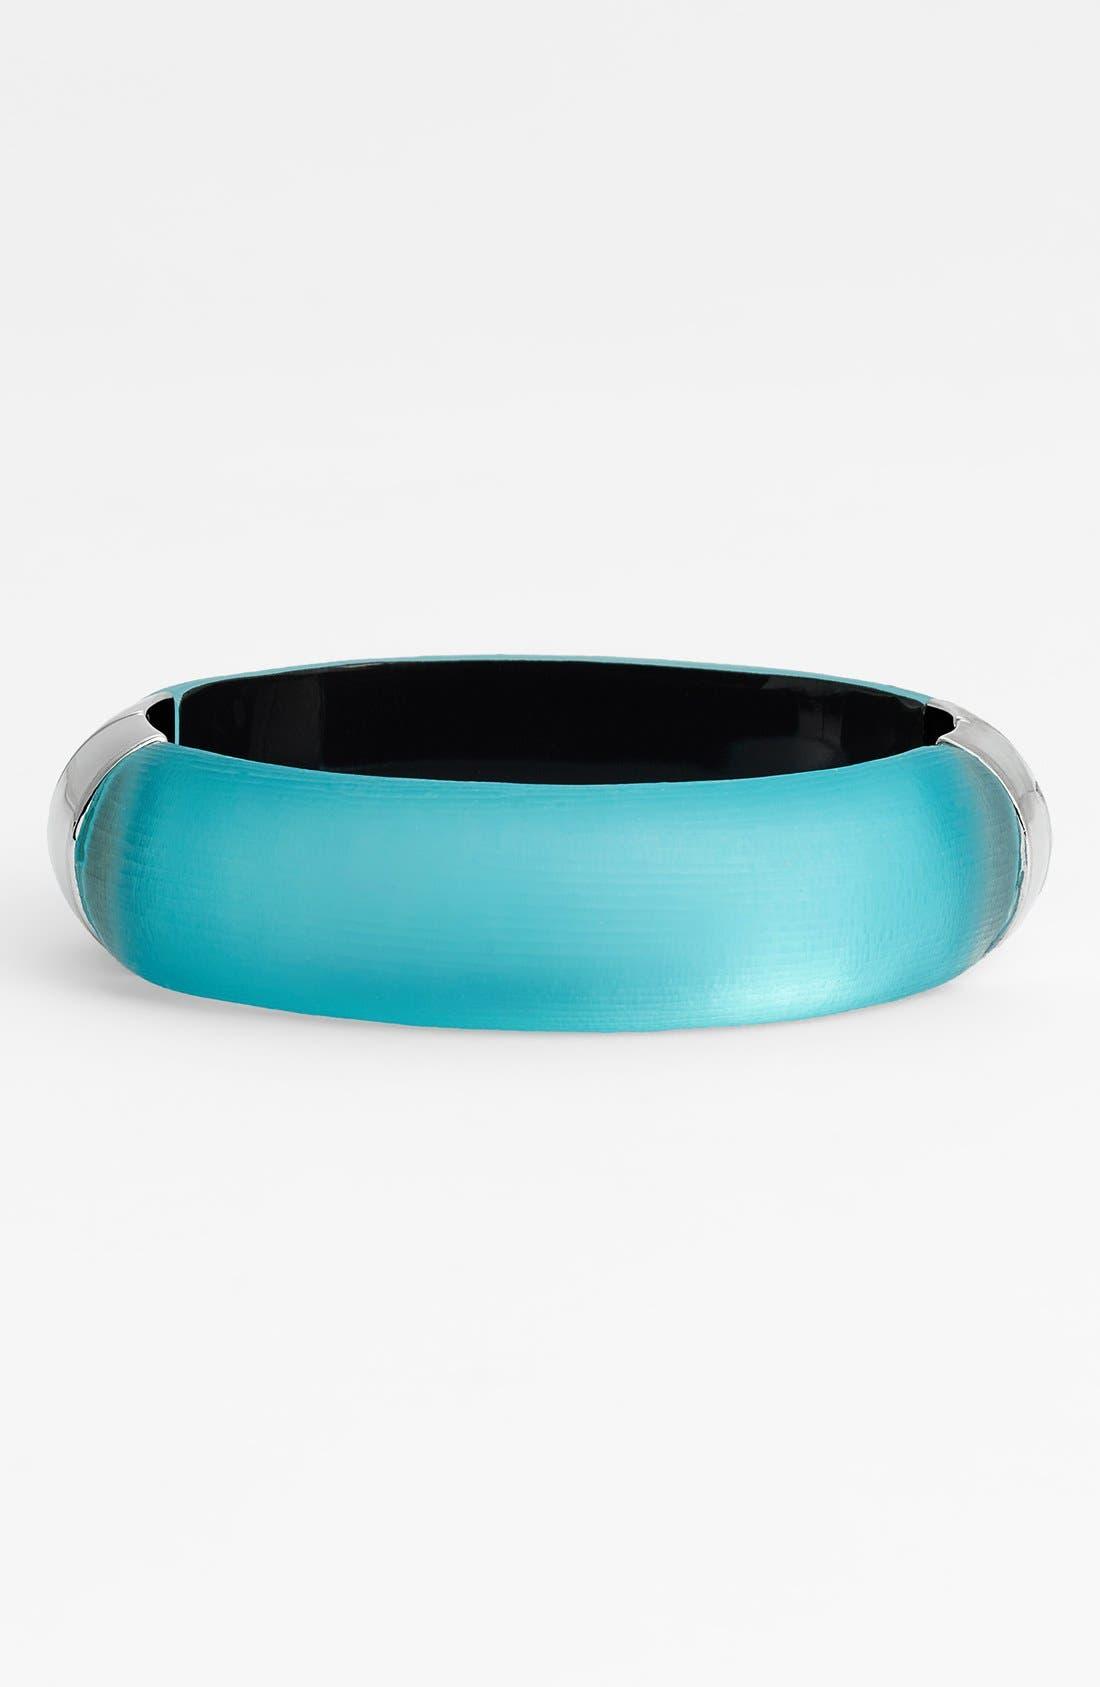 Main Image - Alexis Bittar 'Lucite® - Neon Deco' Bangle Bracelet